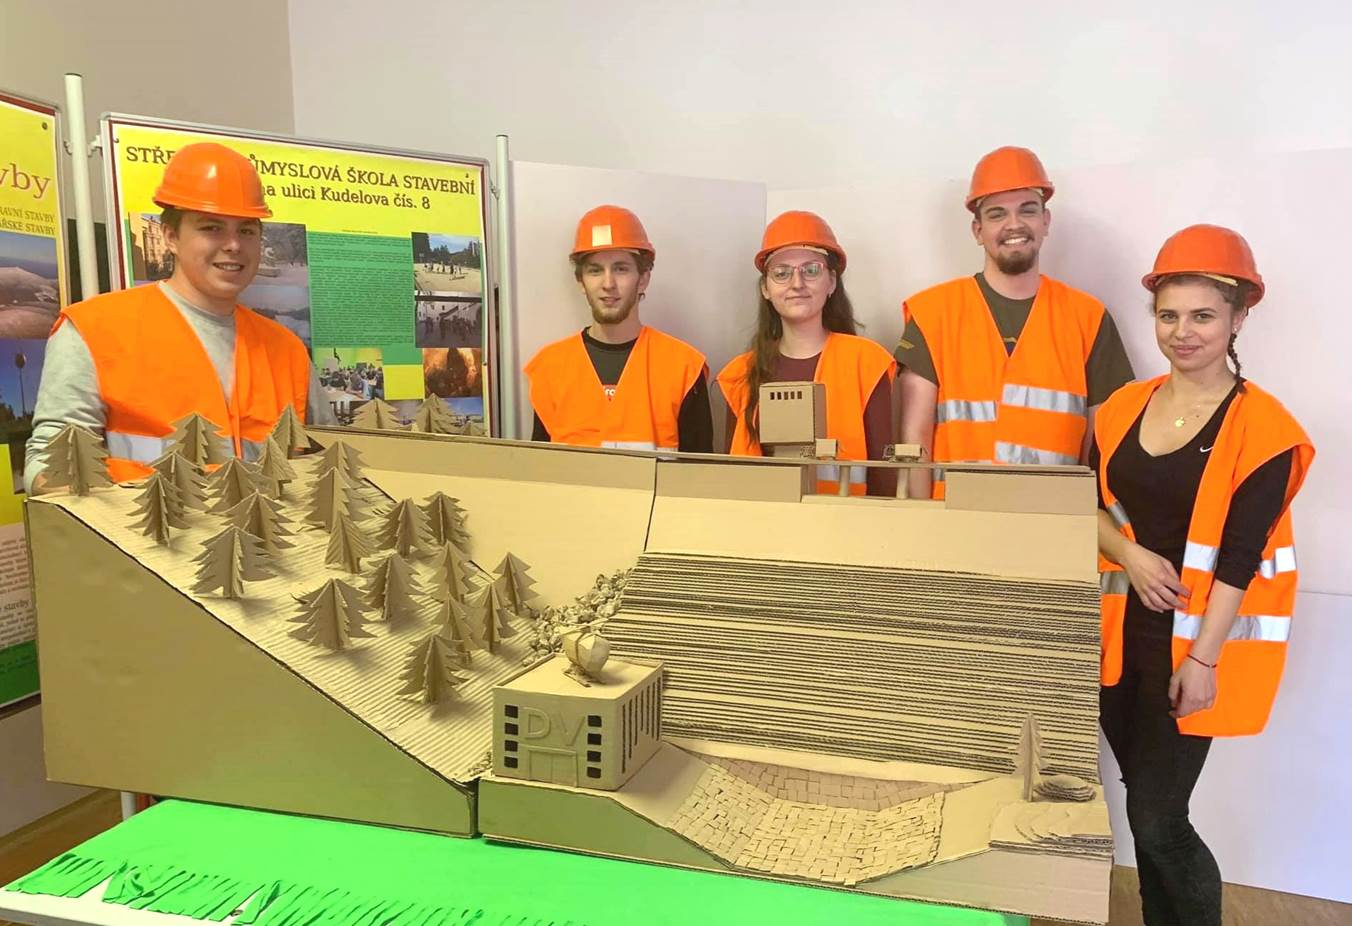 Studenti z Brna postavili vodní přehradní nádrž z vlnité lepenky